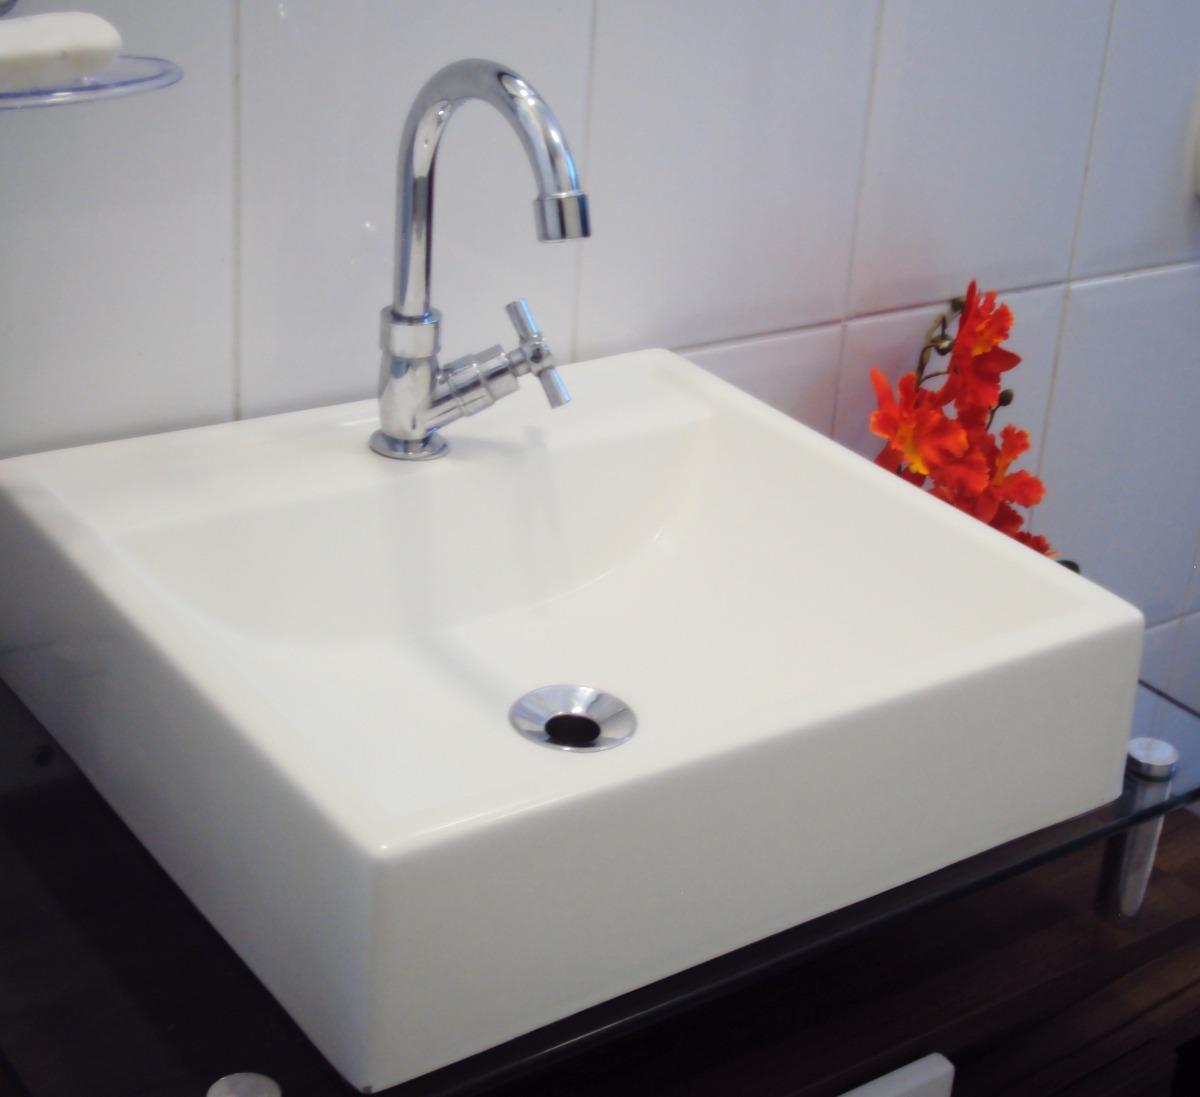 Tendência Lavatório Para Banheiro R$ 379 60 no MercadoLivre #B0271B 1200 1097